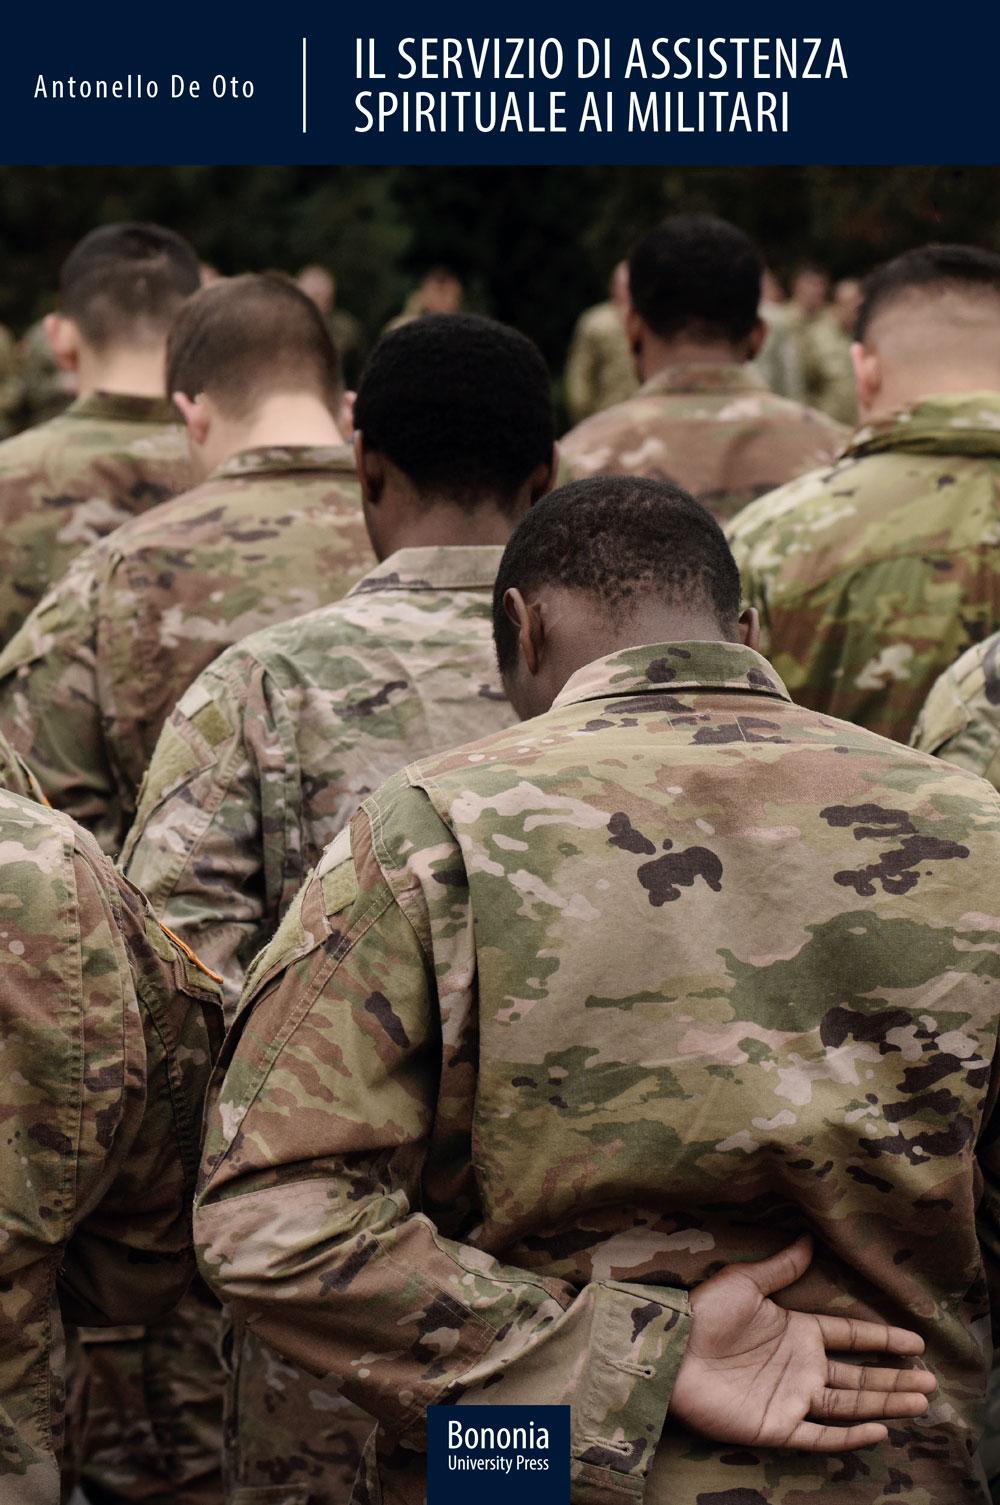 Il servizio di assistenza spirituale ai militari - Bononia University Press